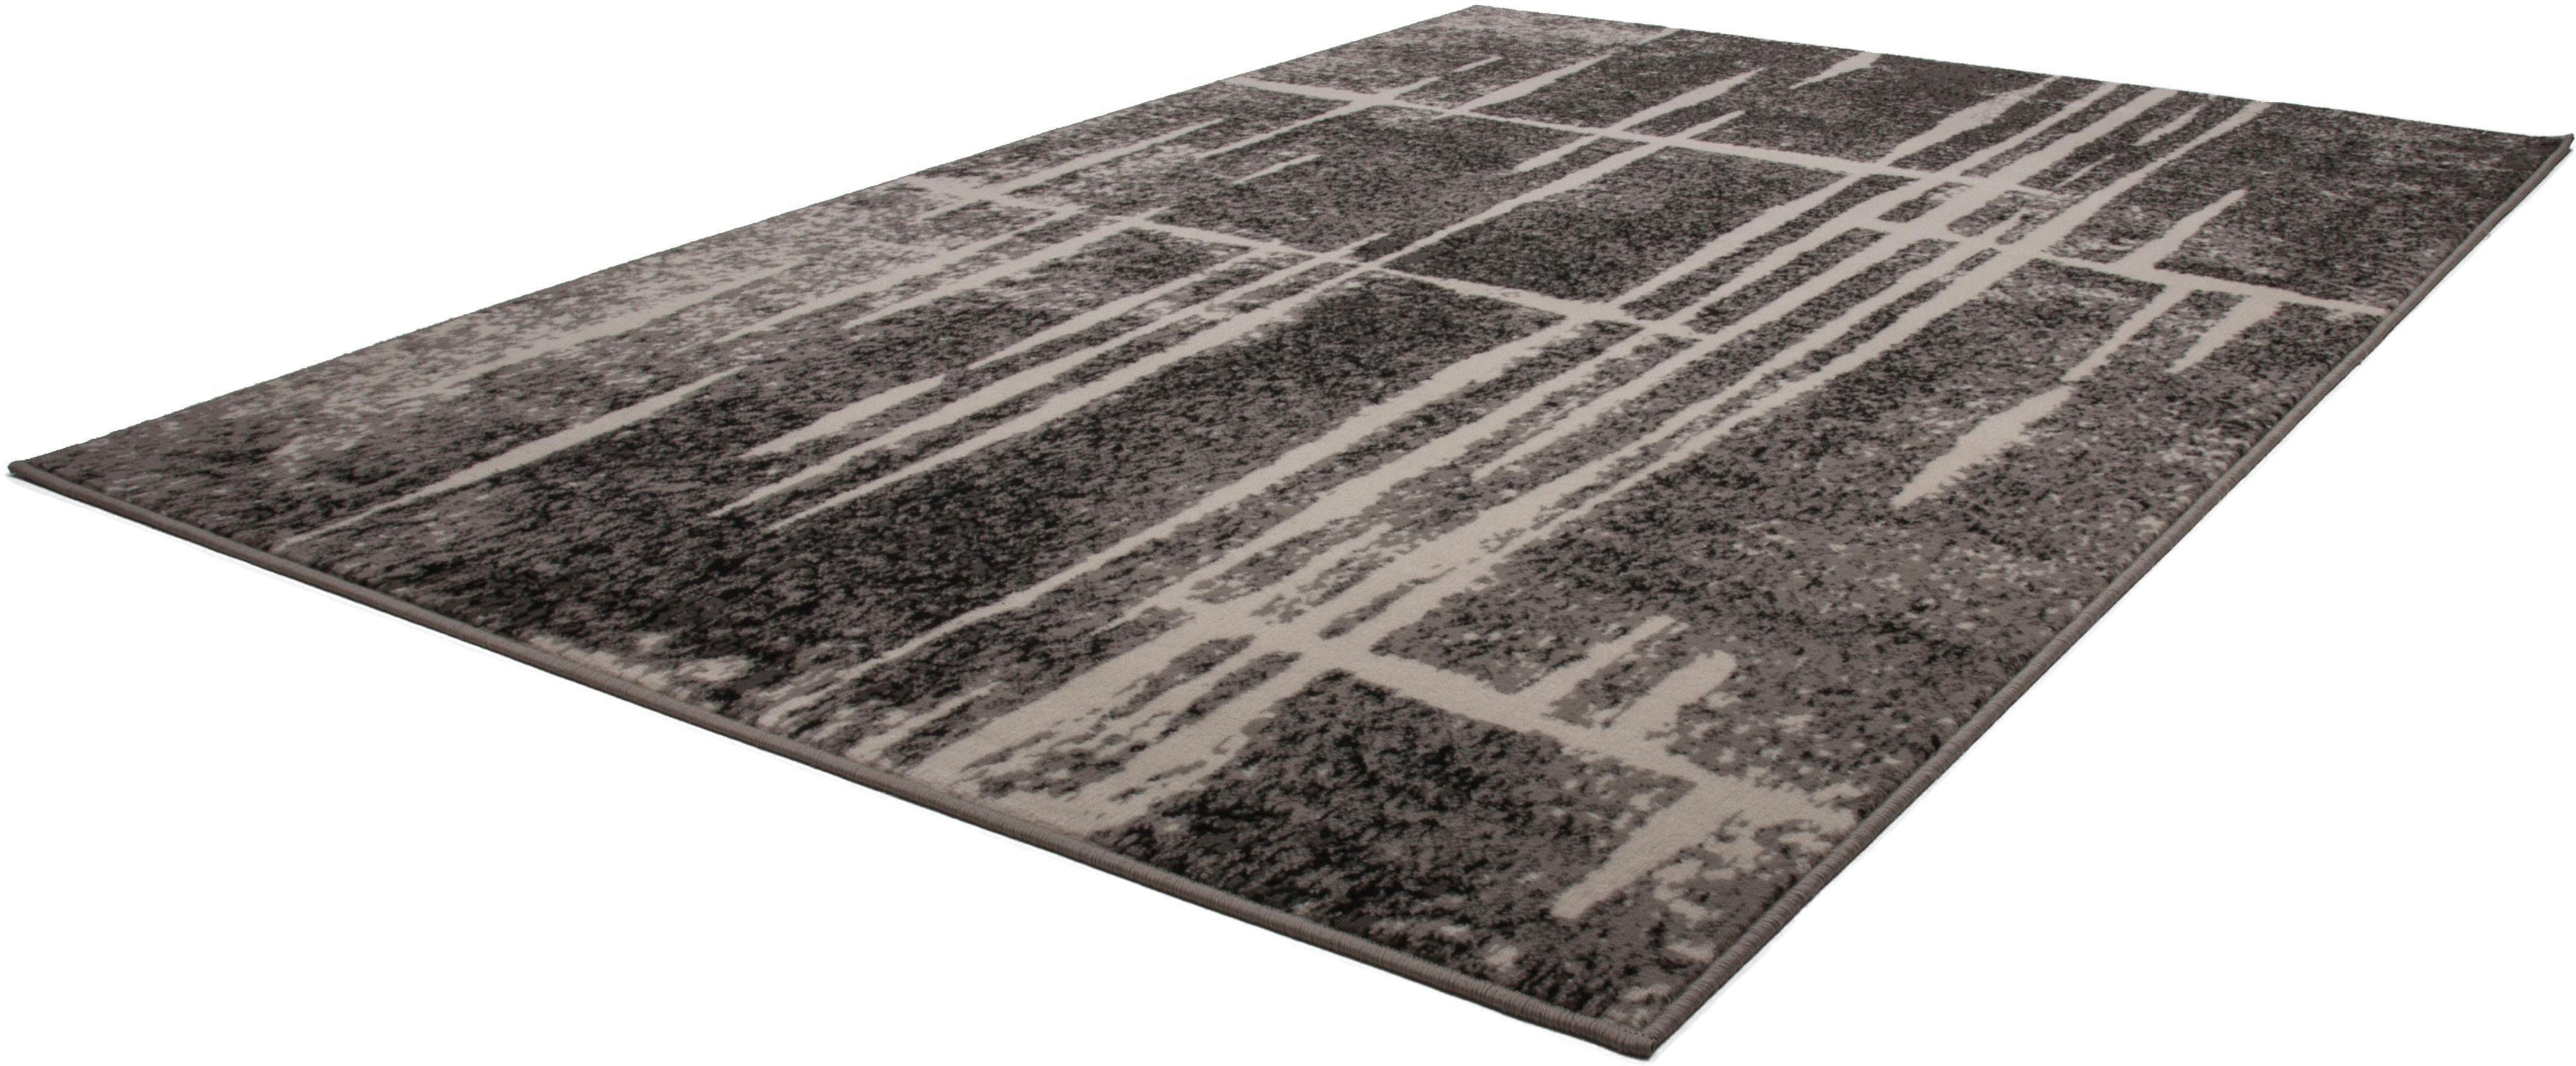 Teppich Rahul 3050 calo-deluxe rechteckig Höhe 10 mm maschinell gewebt